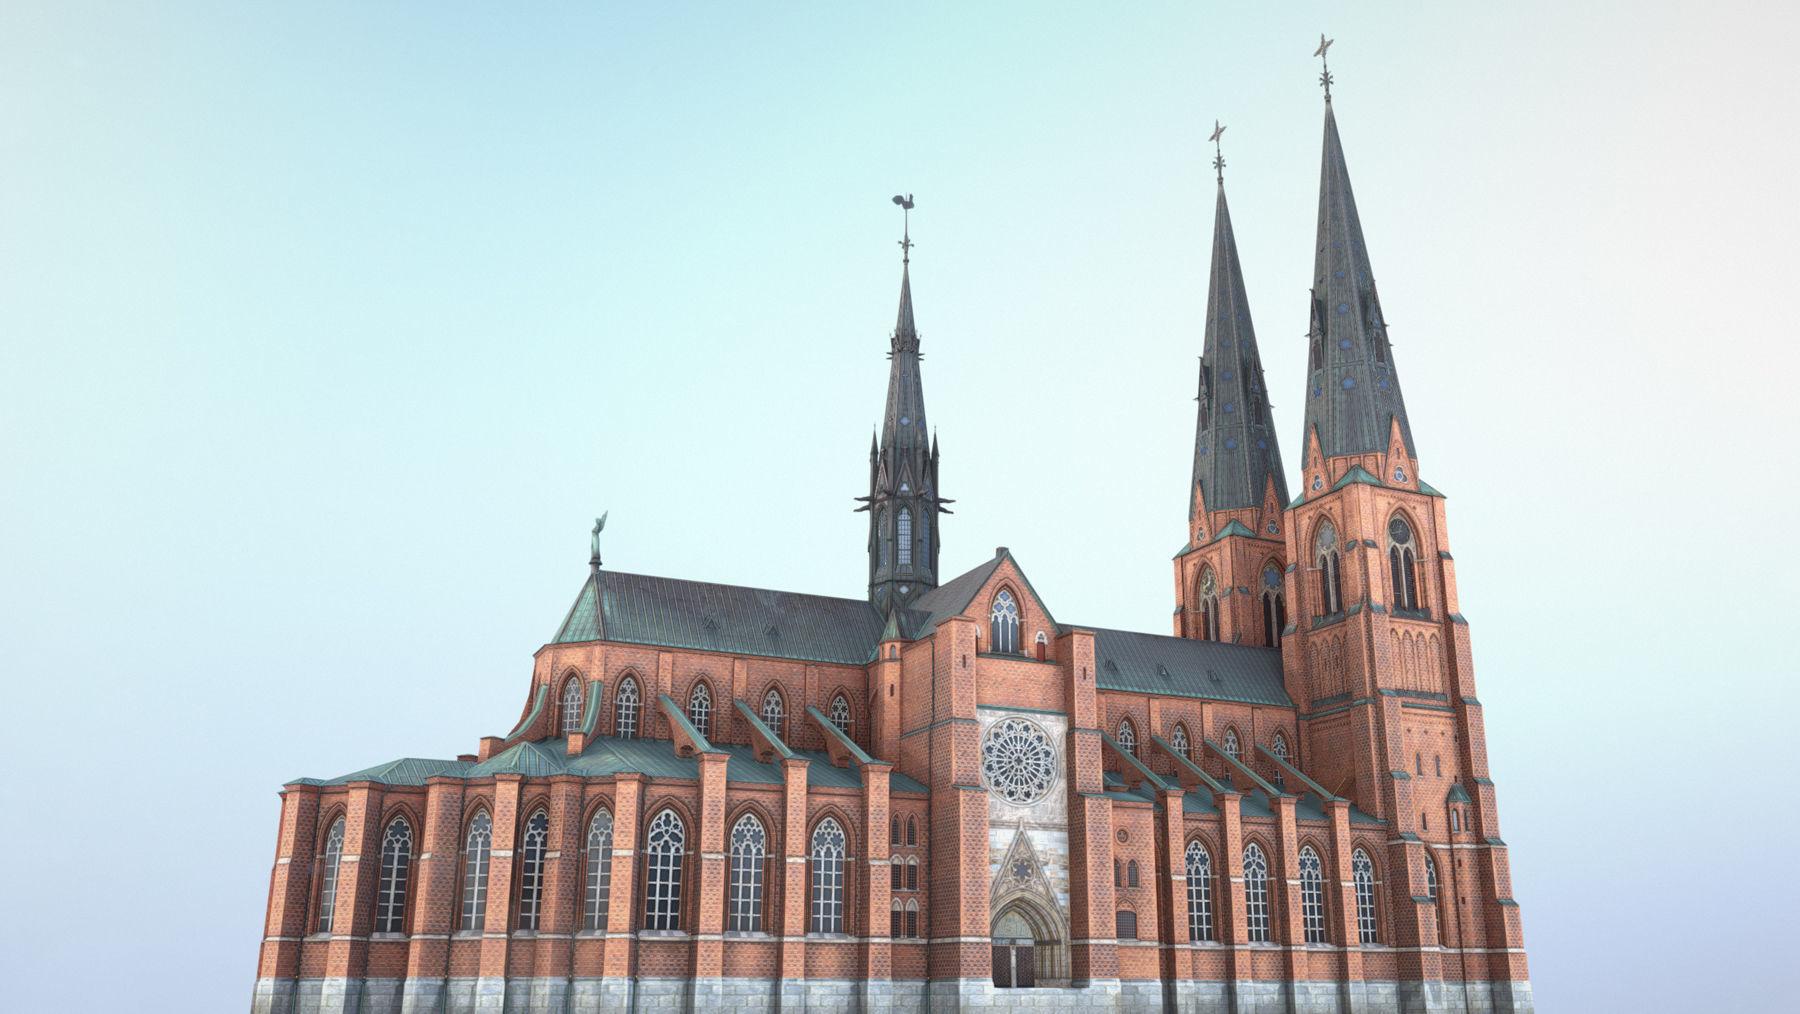 Arlanda Uppsala Cathedral